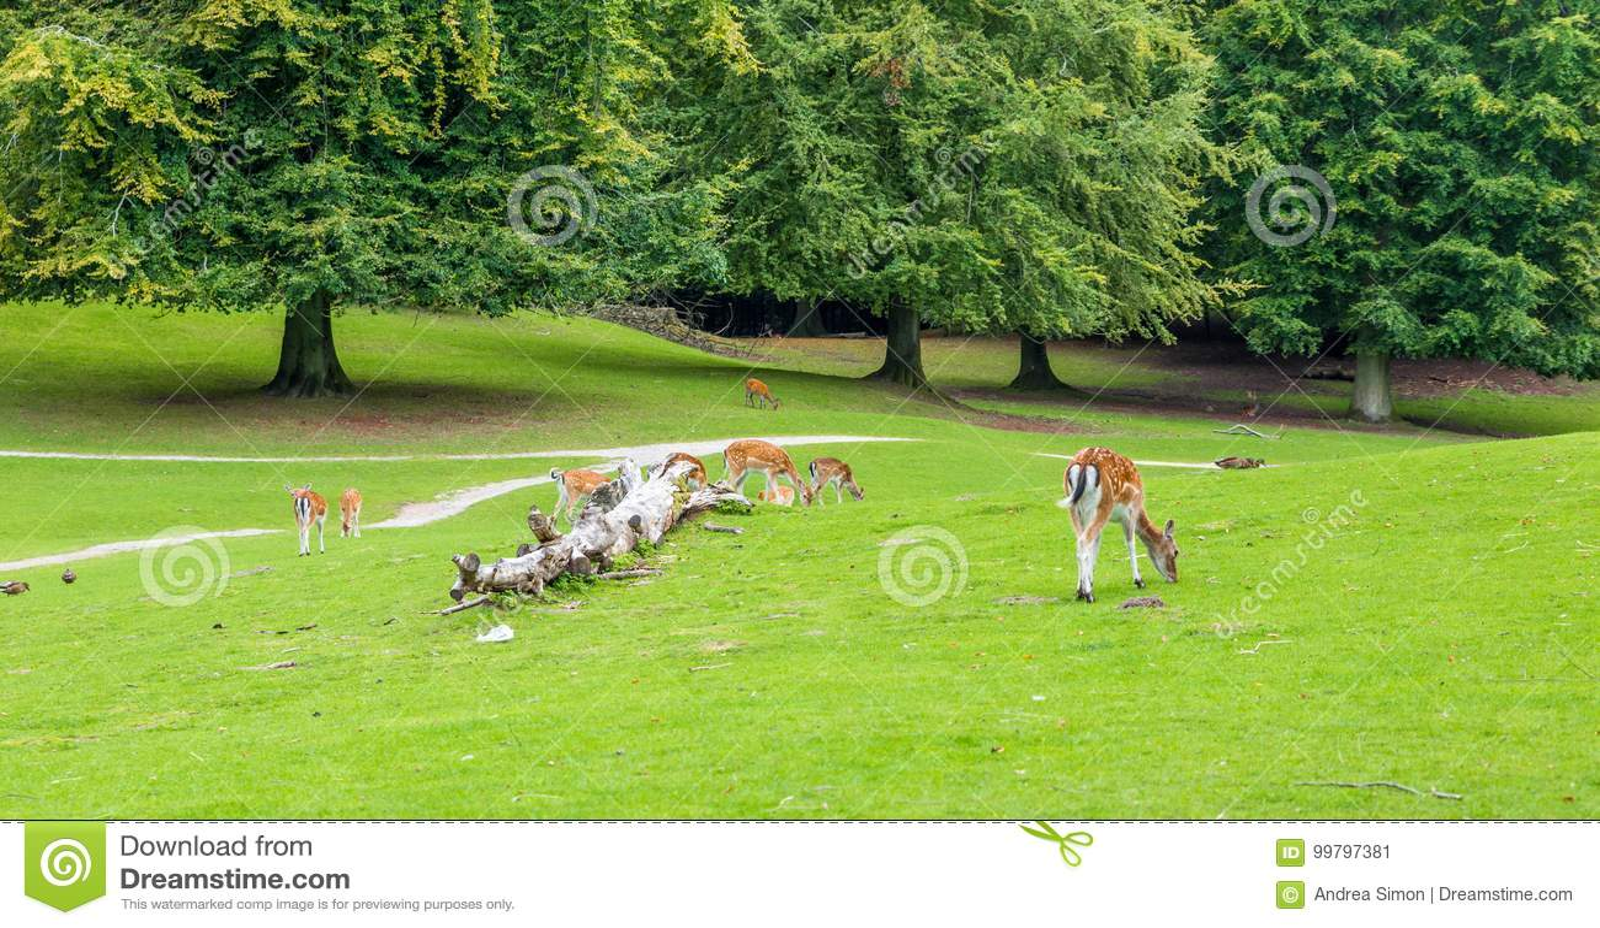 Download 动物鹿本质被盯梢的空白野生生物 库存图片. 图片 包括有 象草, 哺乳动物, 牧场地, 抗氧剂, 种类, 保护 - 99797381